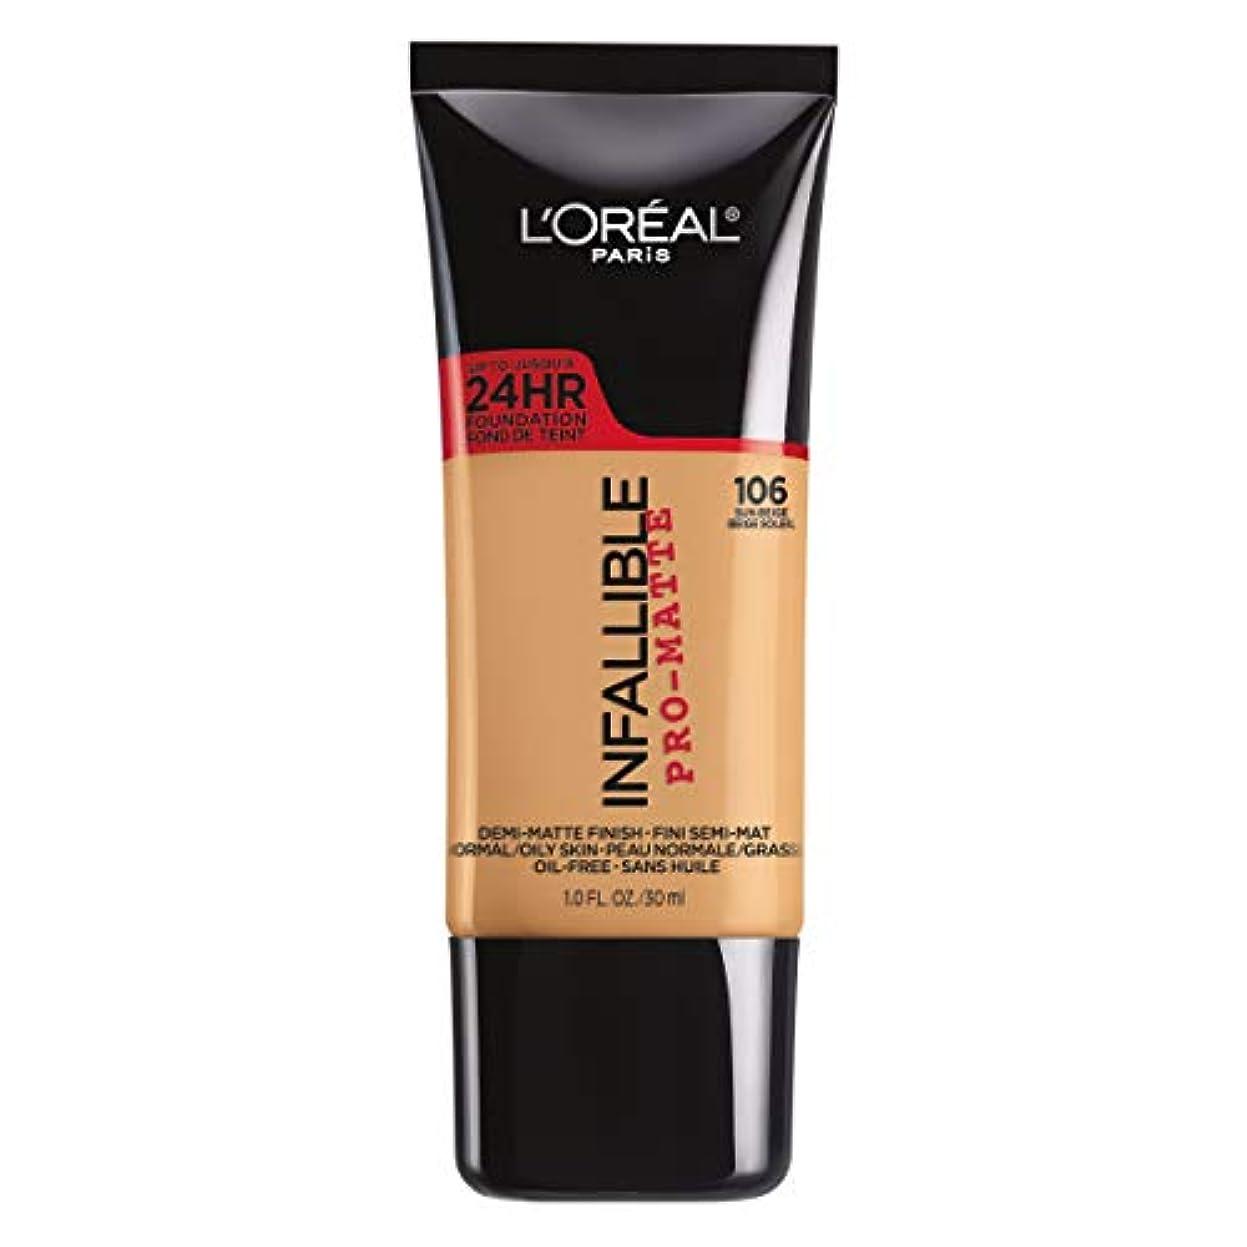 ジョガー洞察力のある余分なL'Oreal Paris Infallible Pro-Matte Foundation Makeup, 106 Sun Beige, 1 fl. oz[並行輸入品]